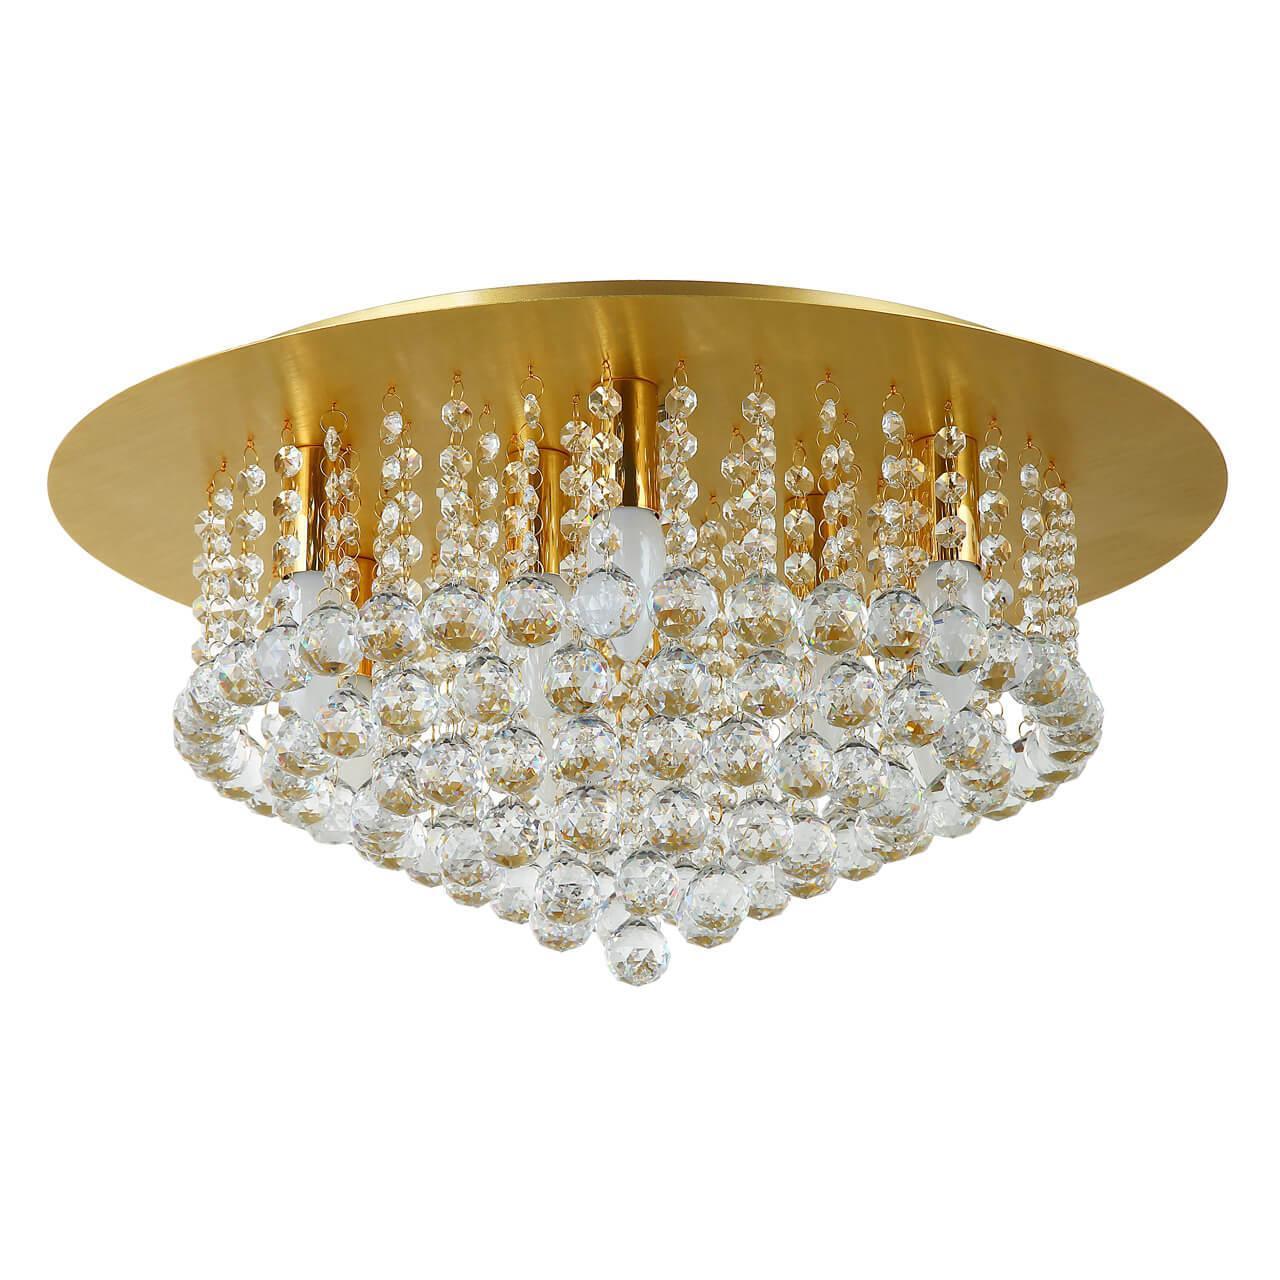 Потолочный светильник MW-Light 276014509, E14, 40 Вт накладной светильник венеция 276014509